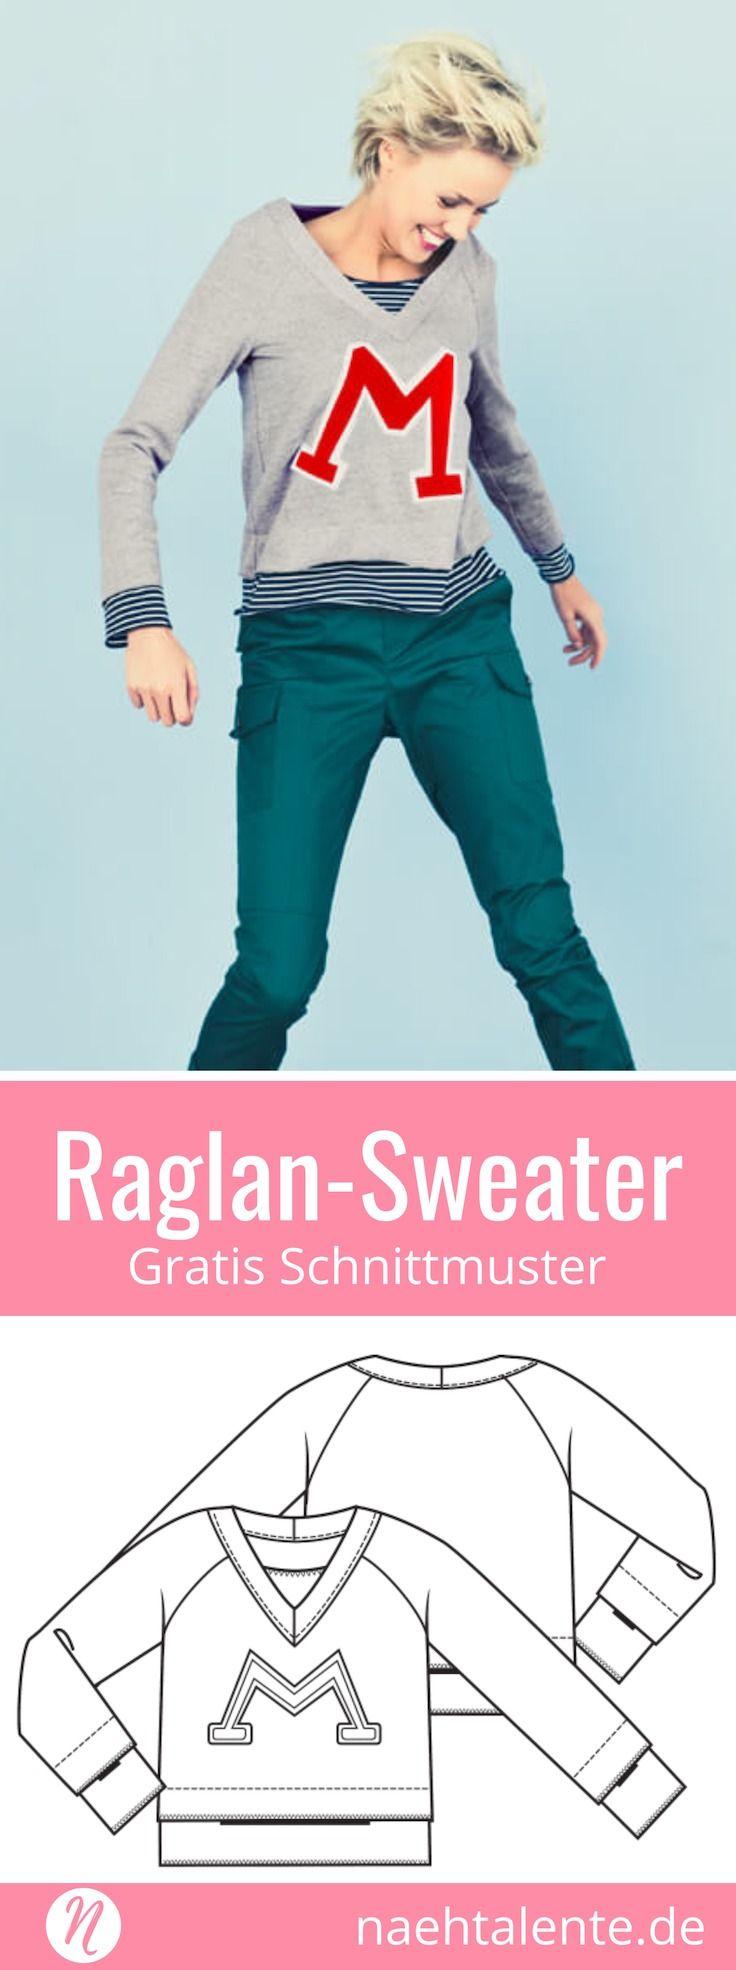 Raglan-Sweater für Damen - Freebook - Gr. 34 - 46